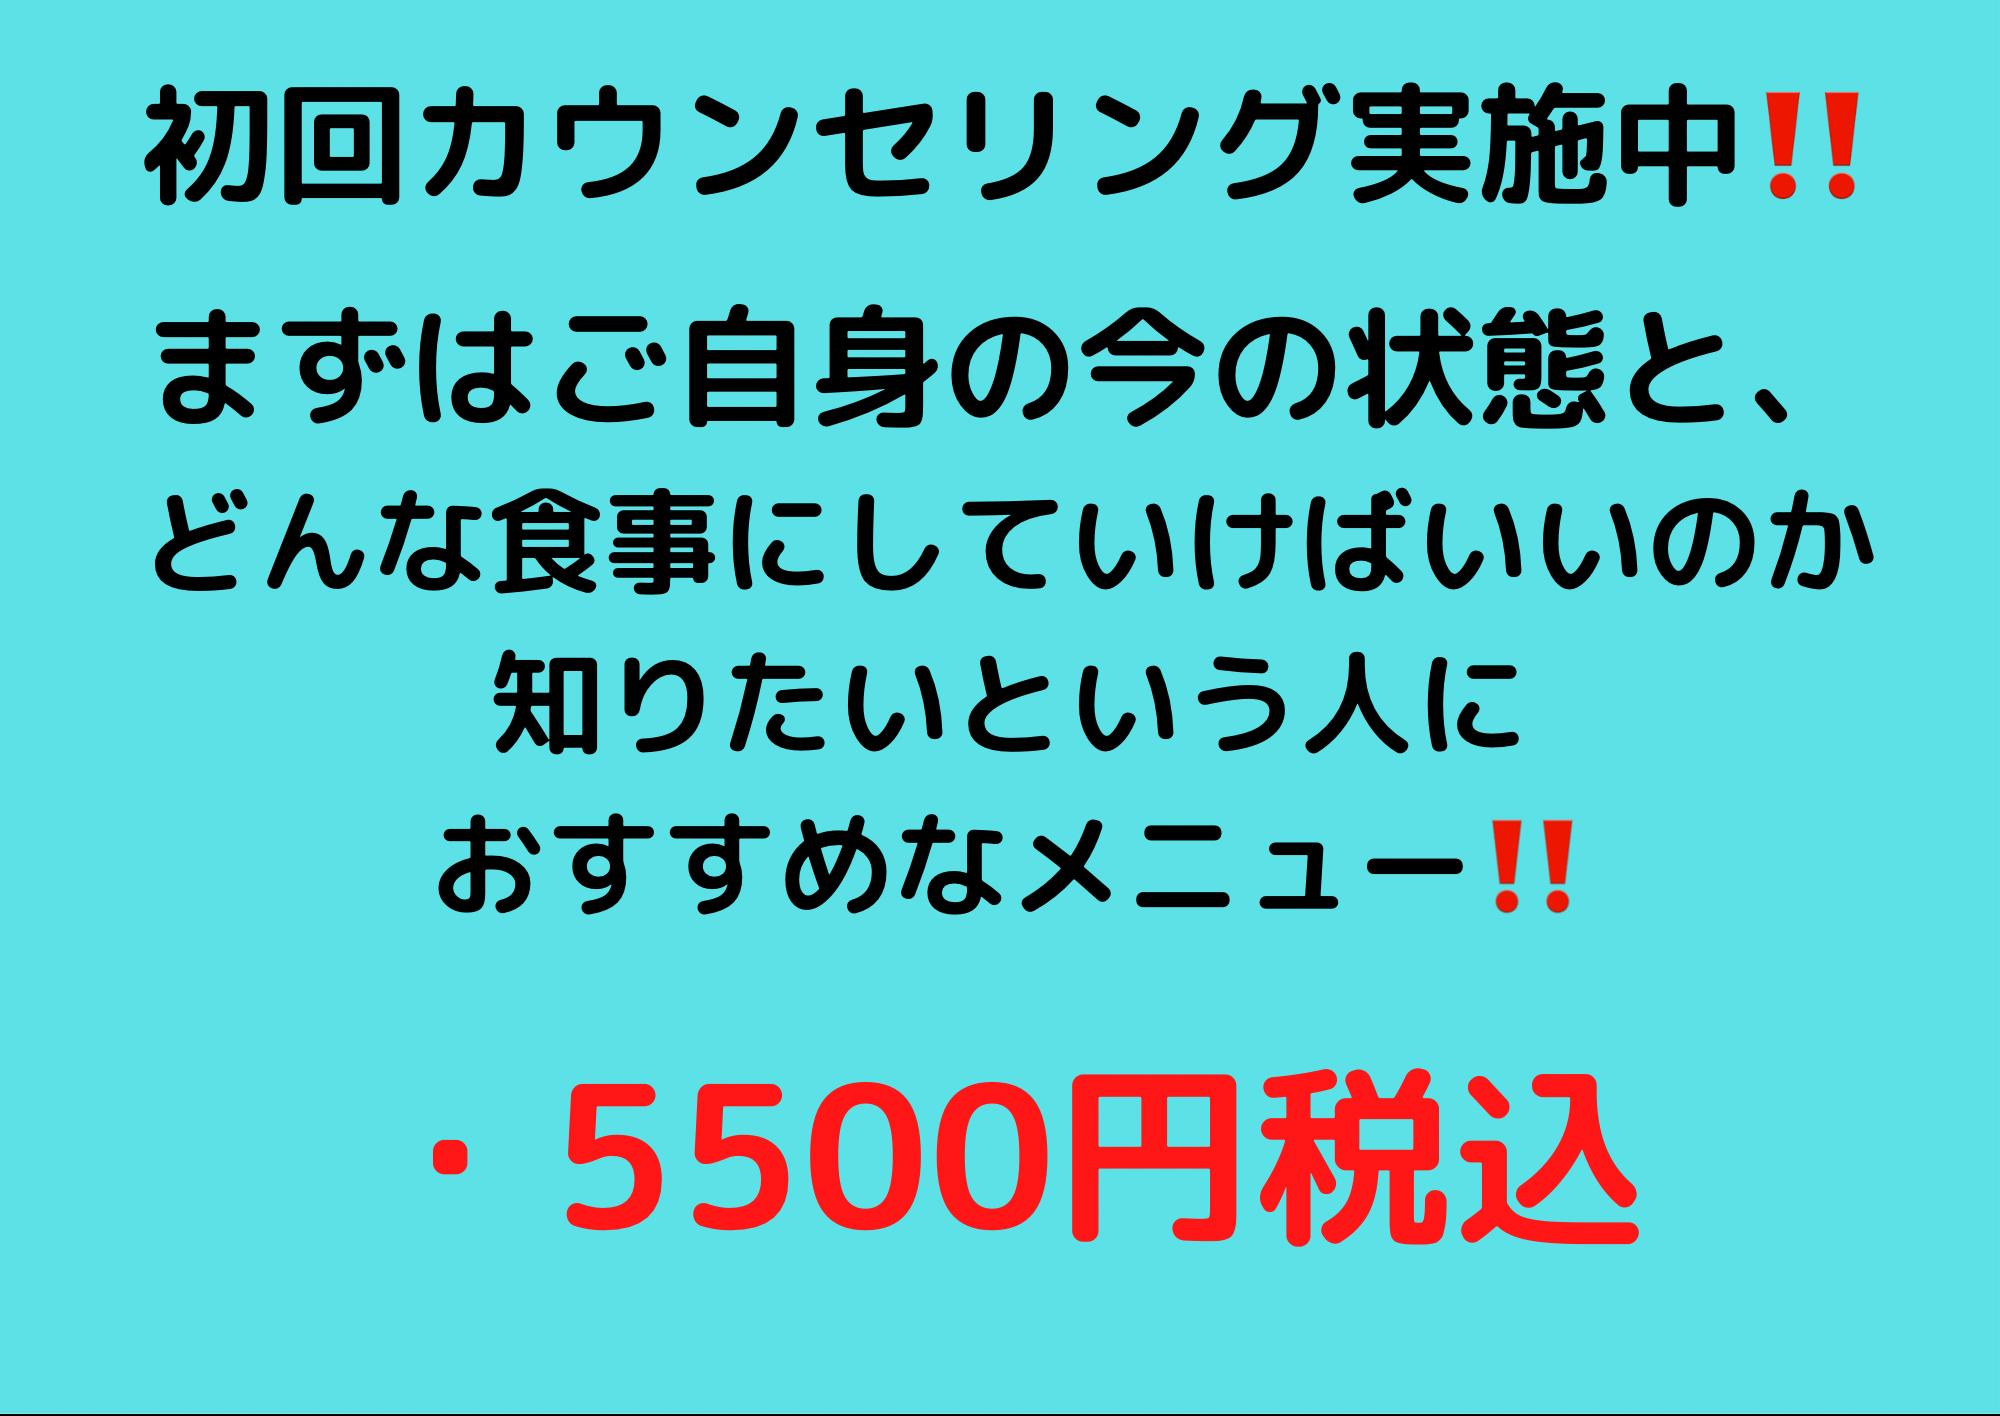 bd7e0af1-2f11-44d1-b460-1e61c68cd859